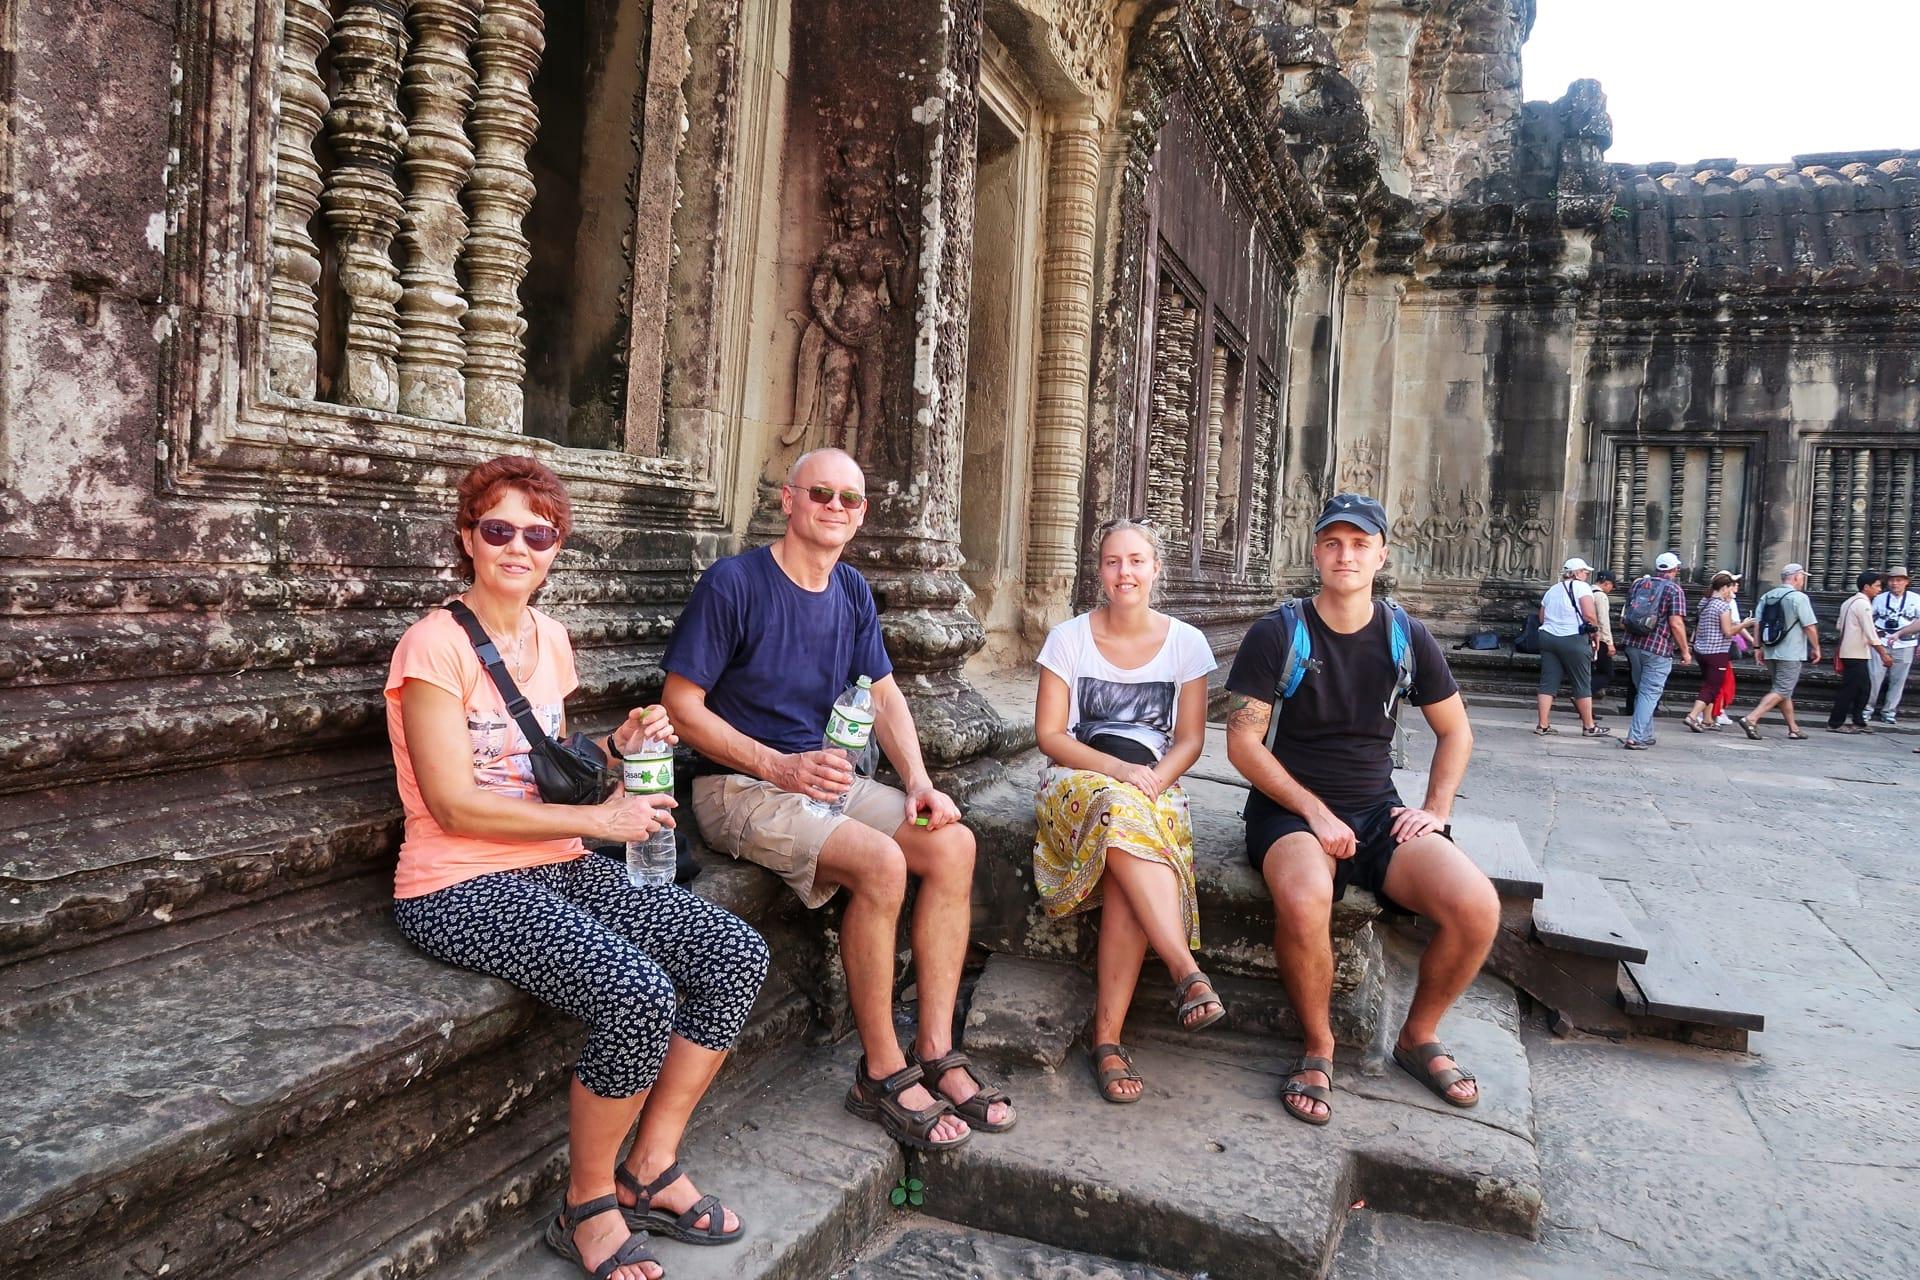 VI holder pause inden i Angkor Wat